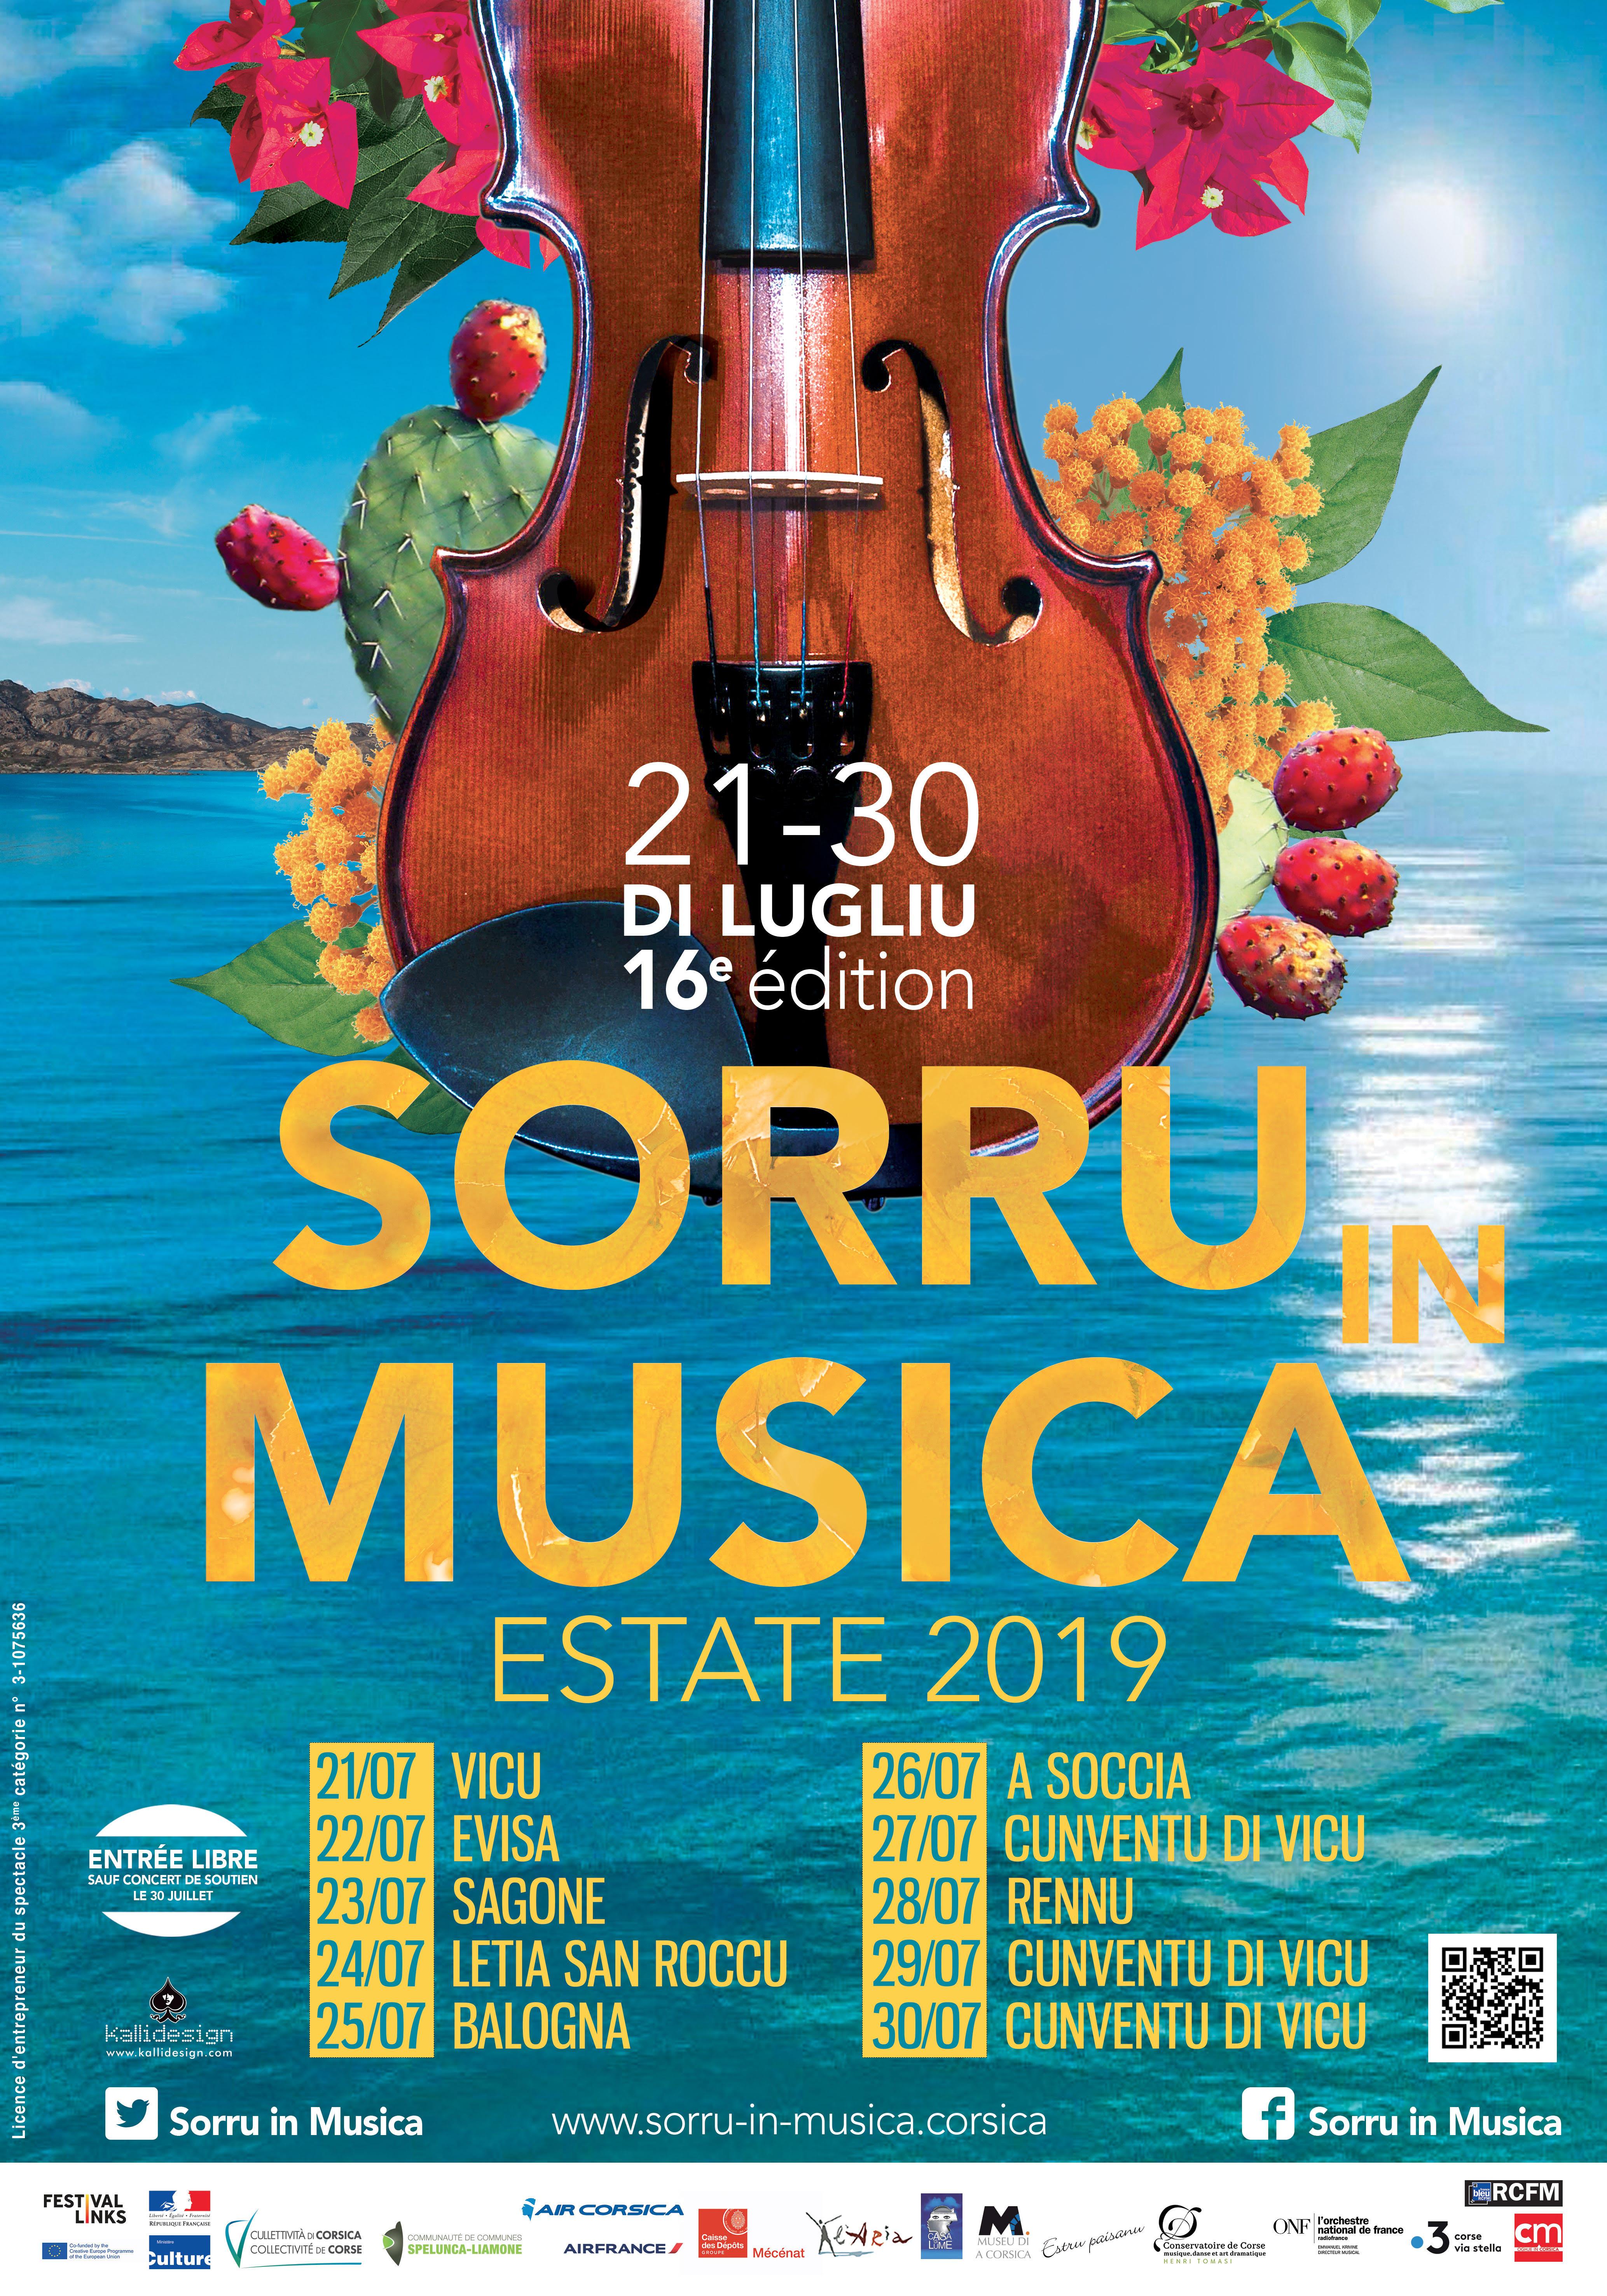 Sorru in Musica Estate 16è édition